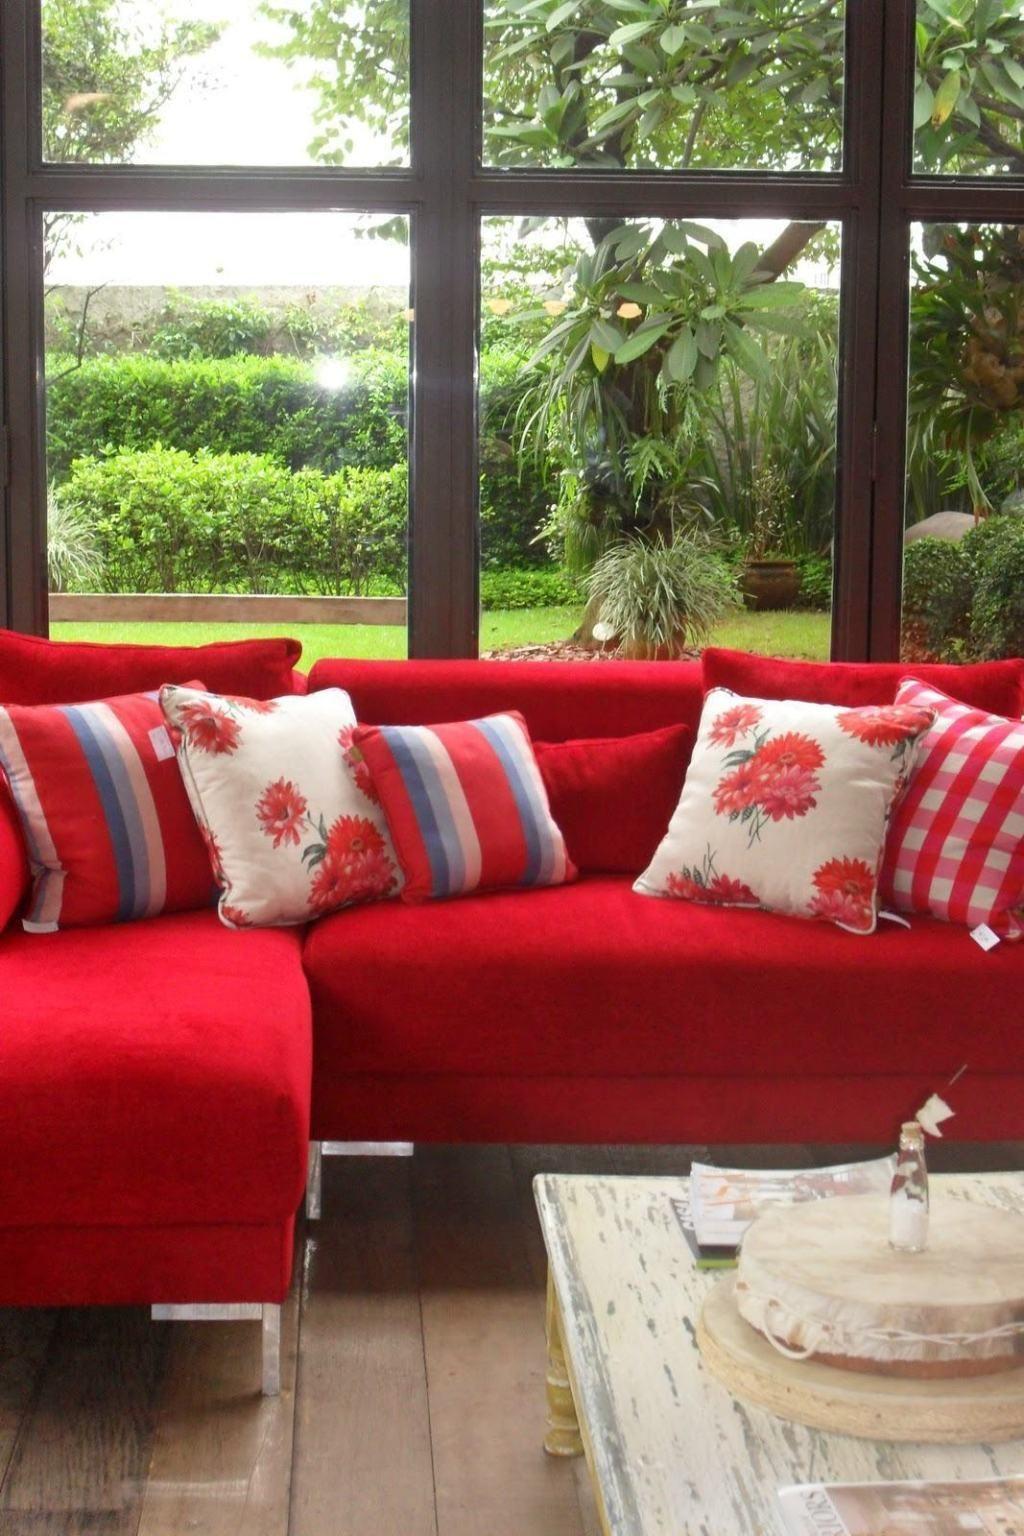 60 zimmer mit roten sofas - fotos & inspirationen - neu